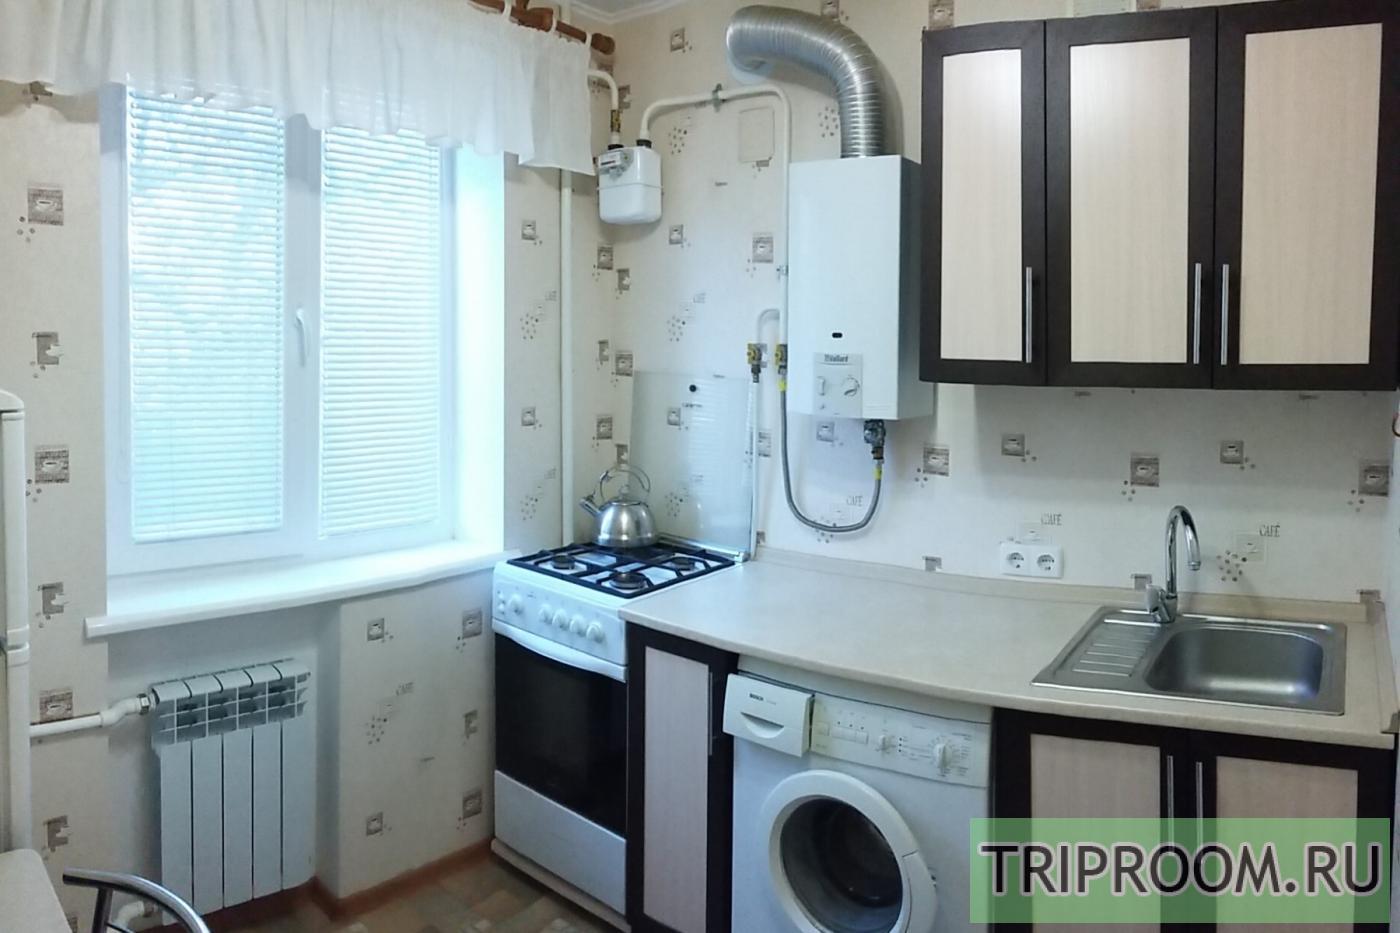 1-комнатная квартира посуточно (вариант № 1355), ул. Ефремова улица, фото № 5